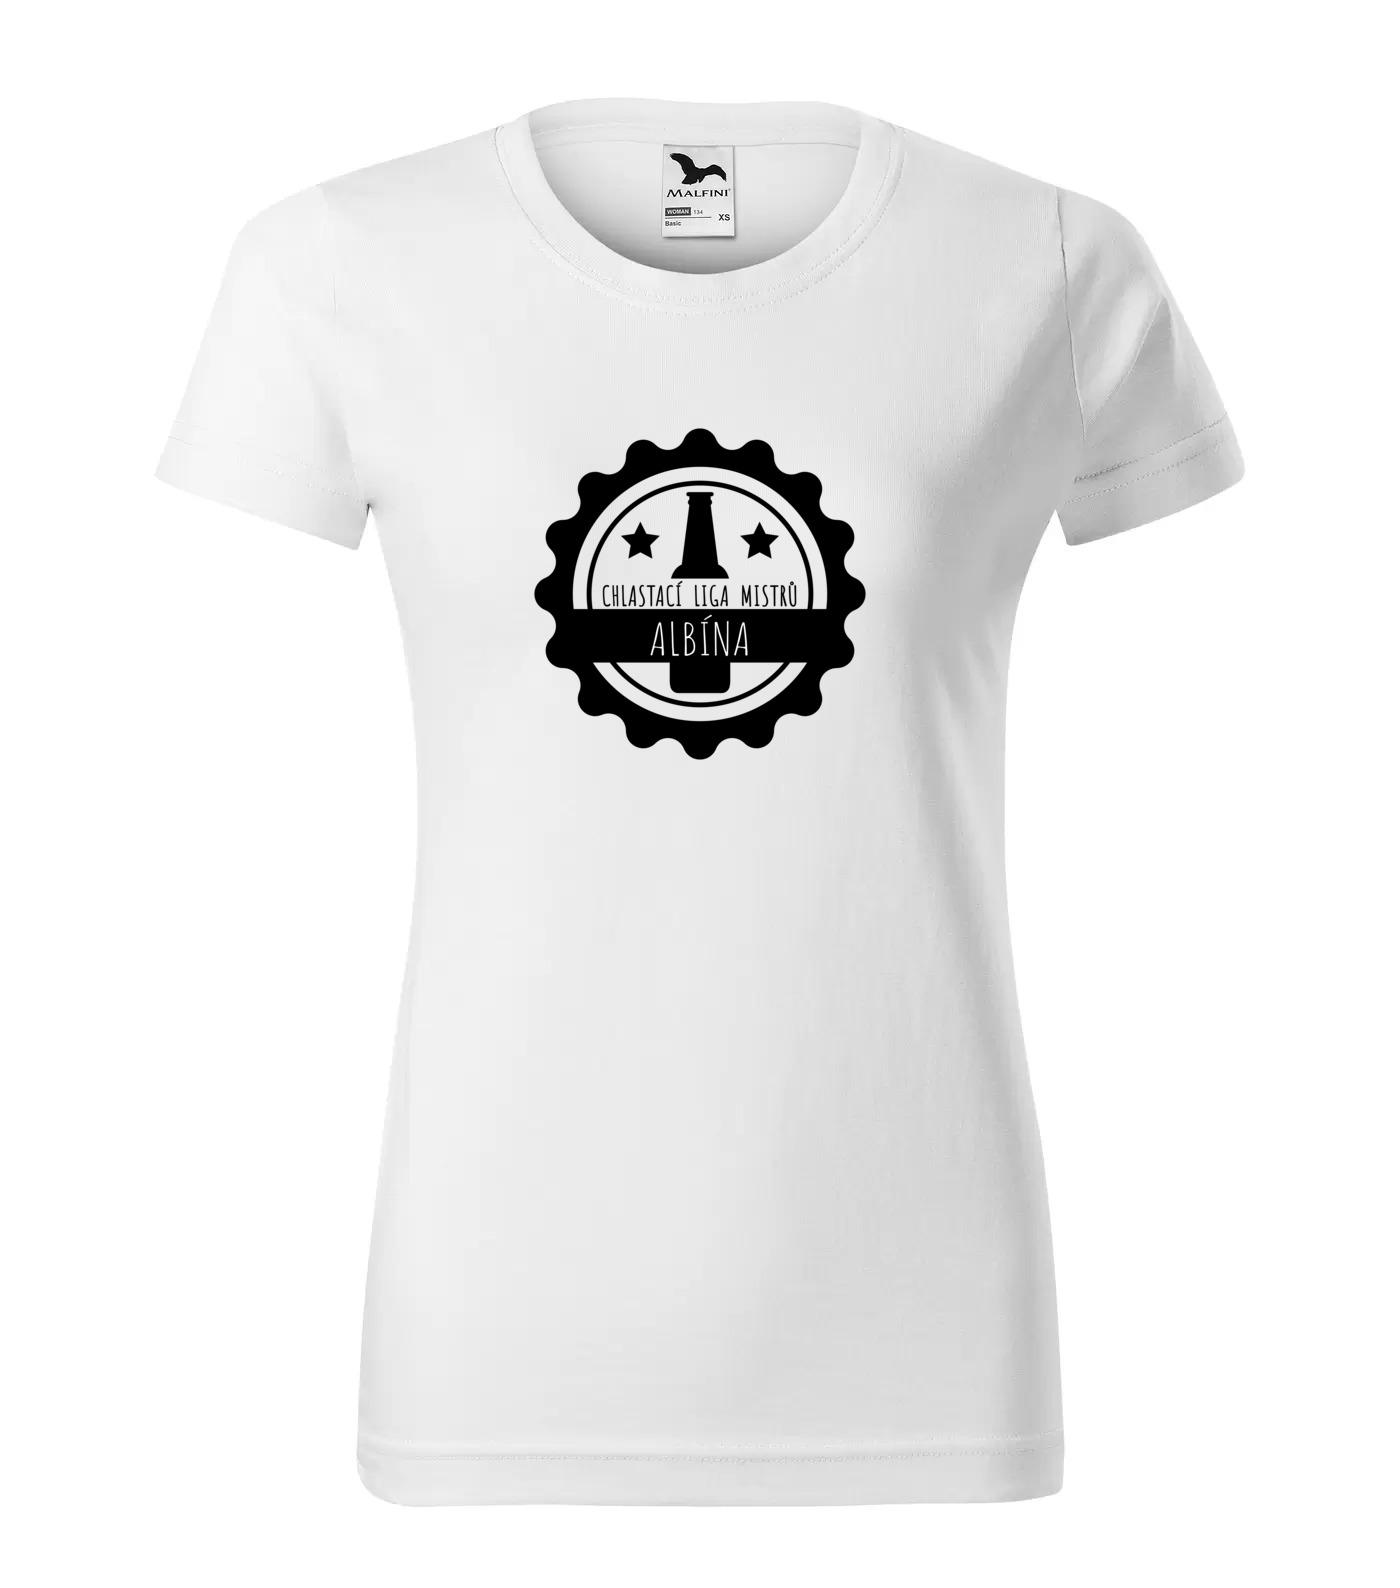 Tričko Chlastací liga žen Albína